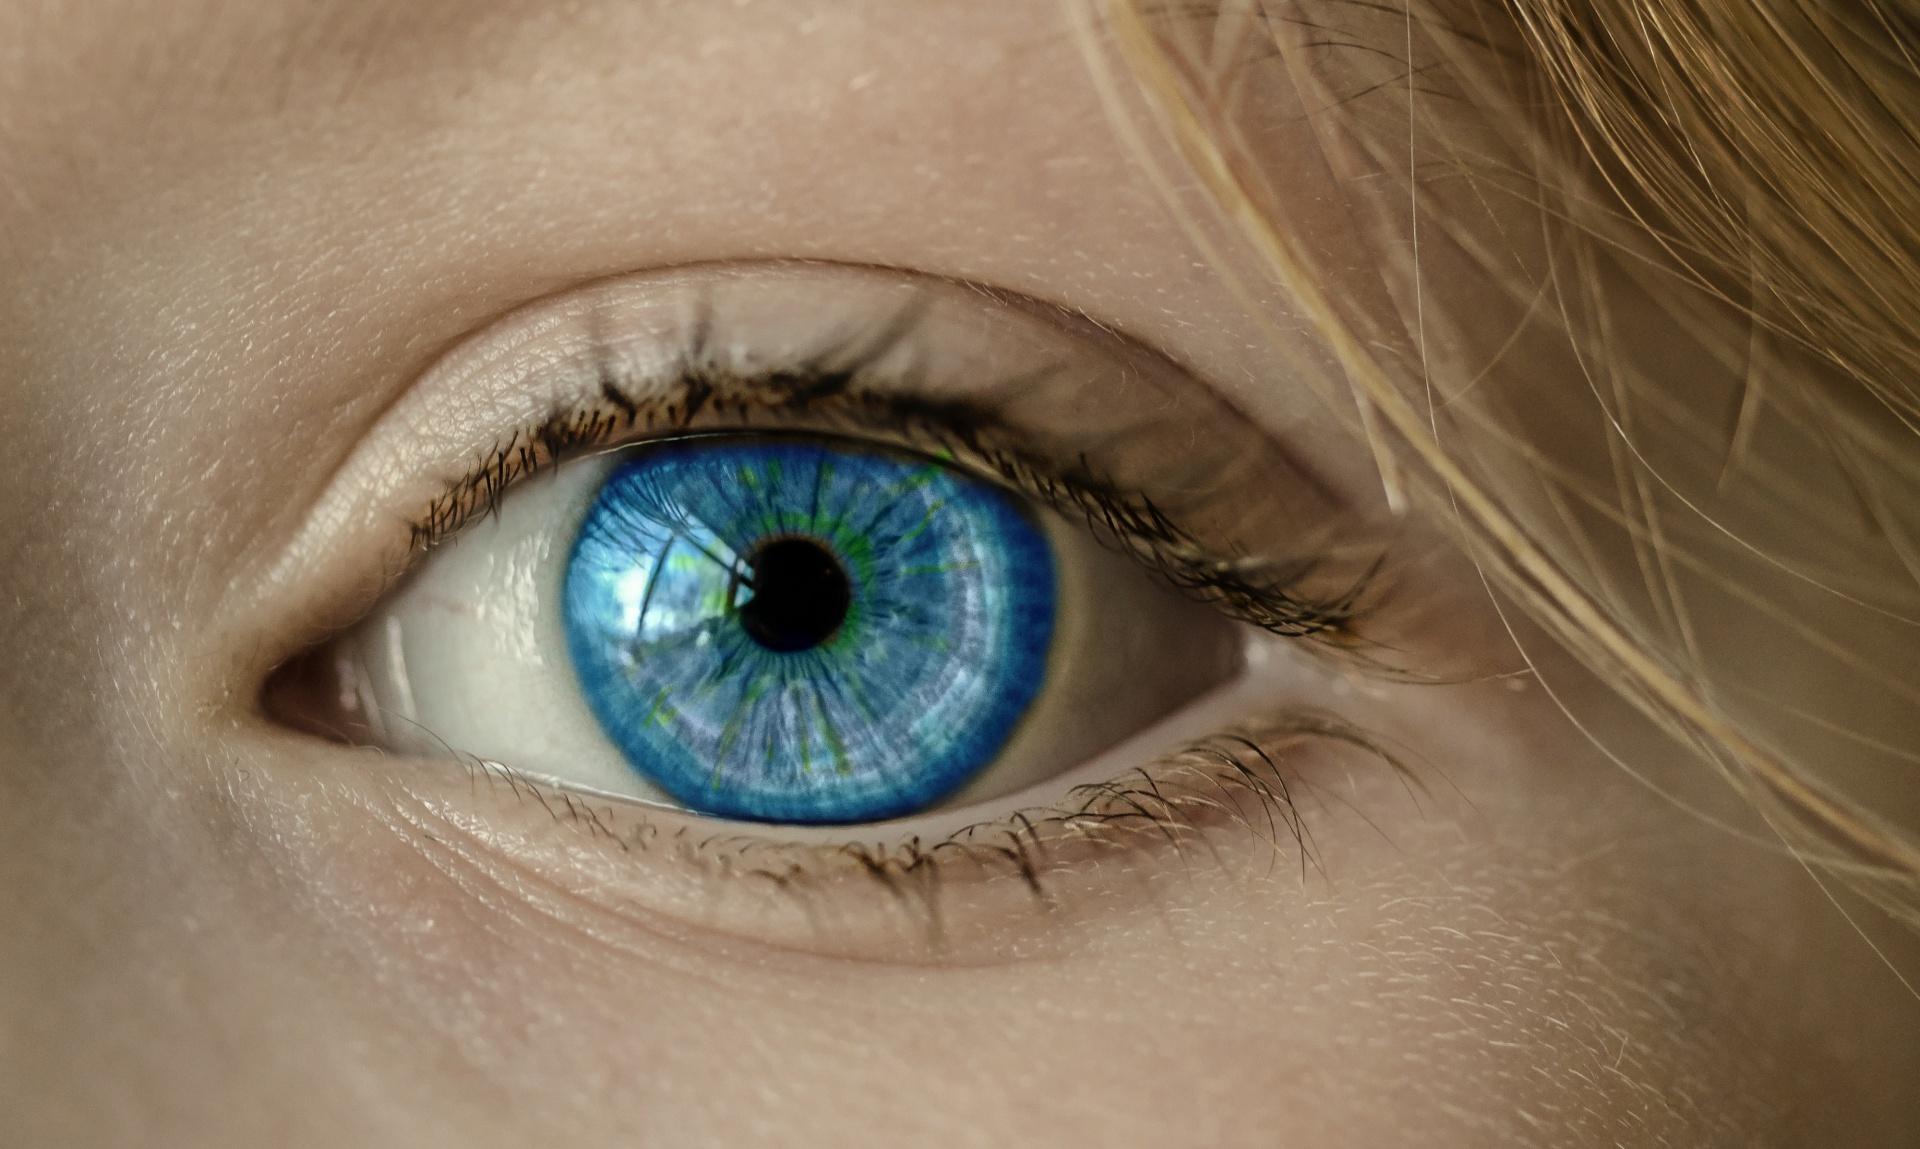 látás az egyik szem sötétebbnek lát